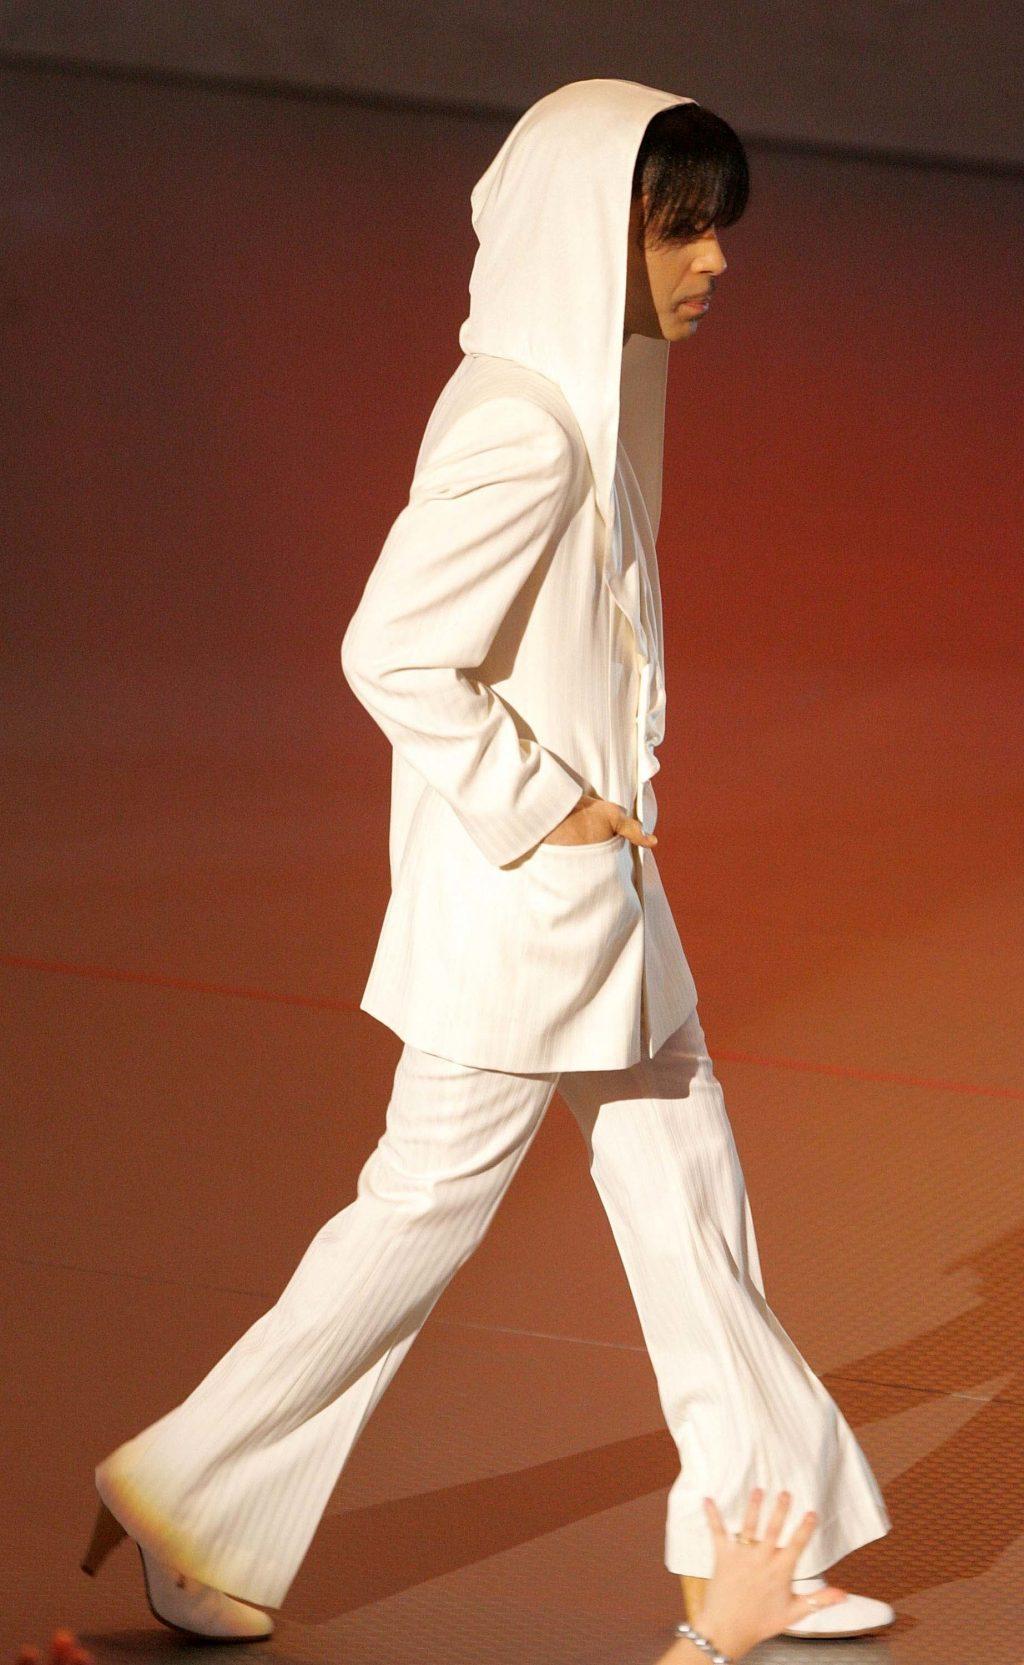 Giày cao gót là xu hướng thời trang mới mà cánh mày râu theo đuổi